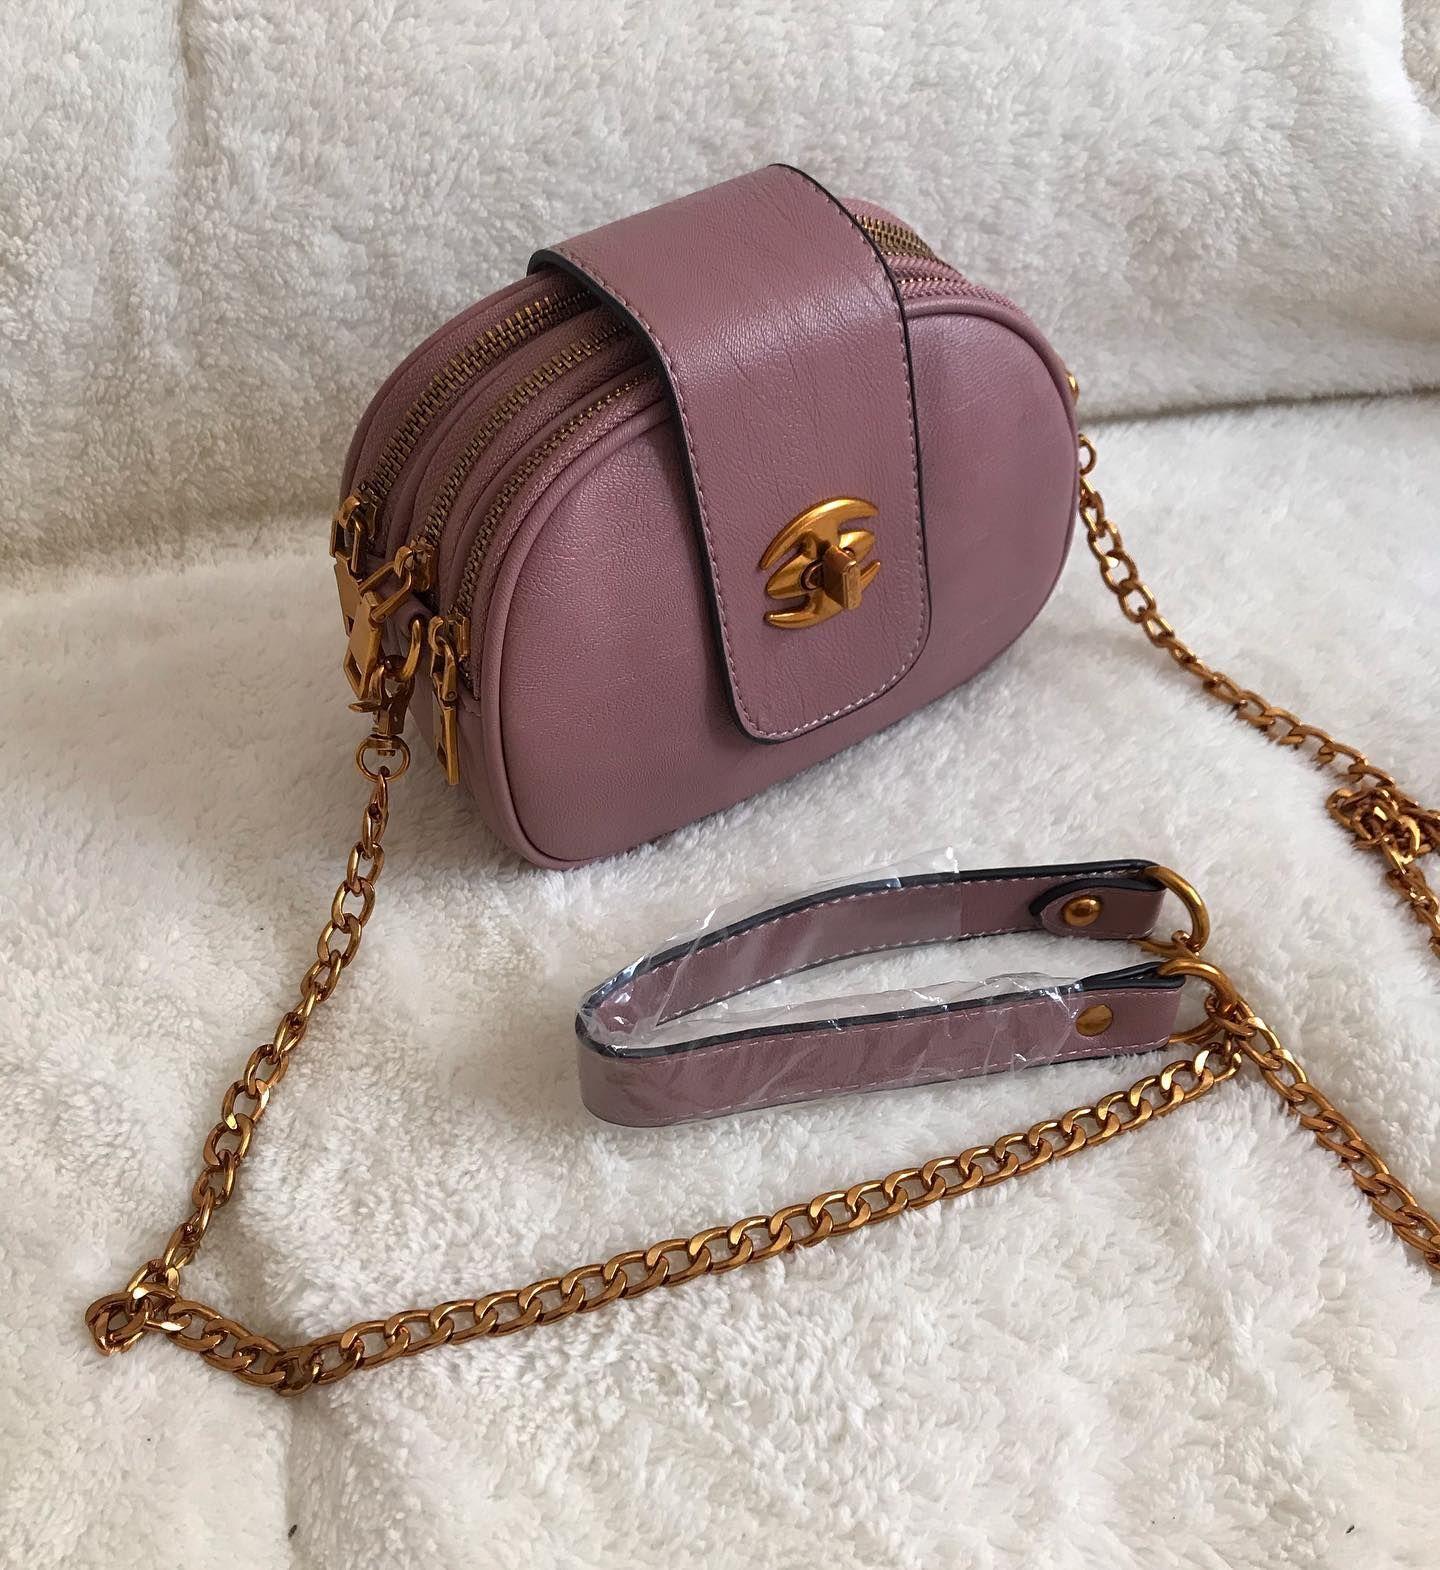 وفر جديد شنطة ميني لها ٣جيوب ينفع كل الأعراض السعر ٩٩ فقط كمية محدودة ٢١٠٦٨١ In 2020 Bags Camera Bag Crossbody